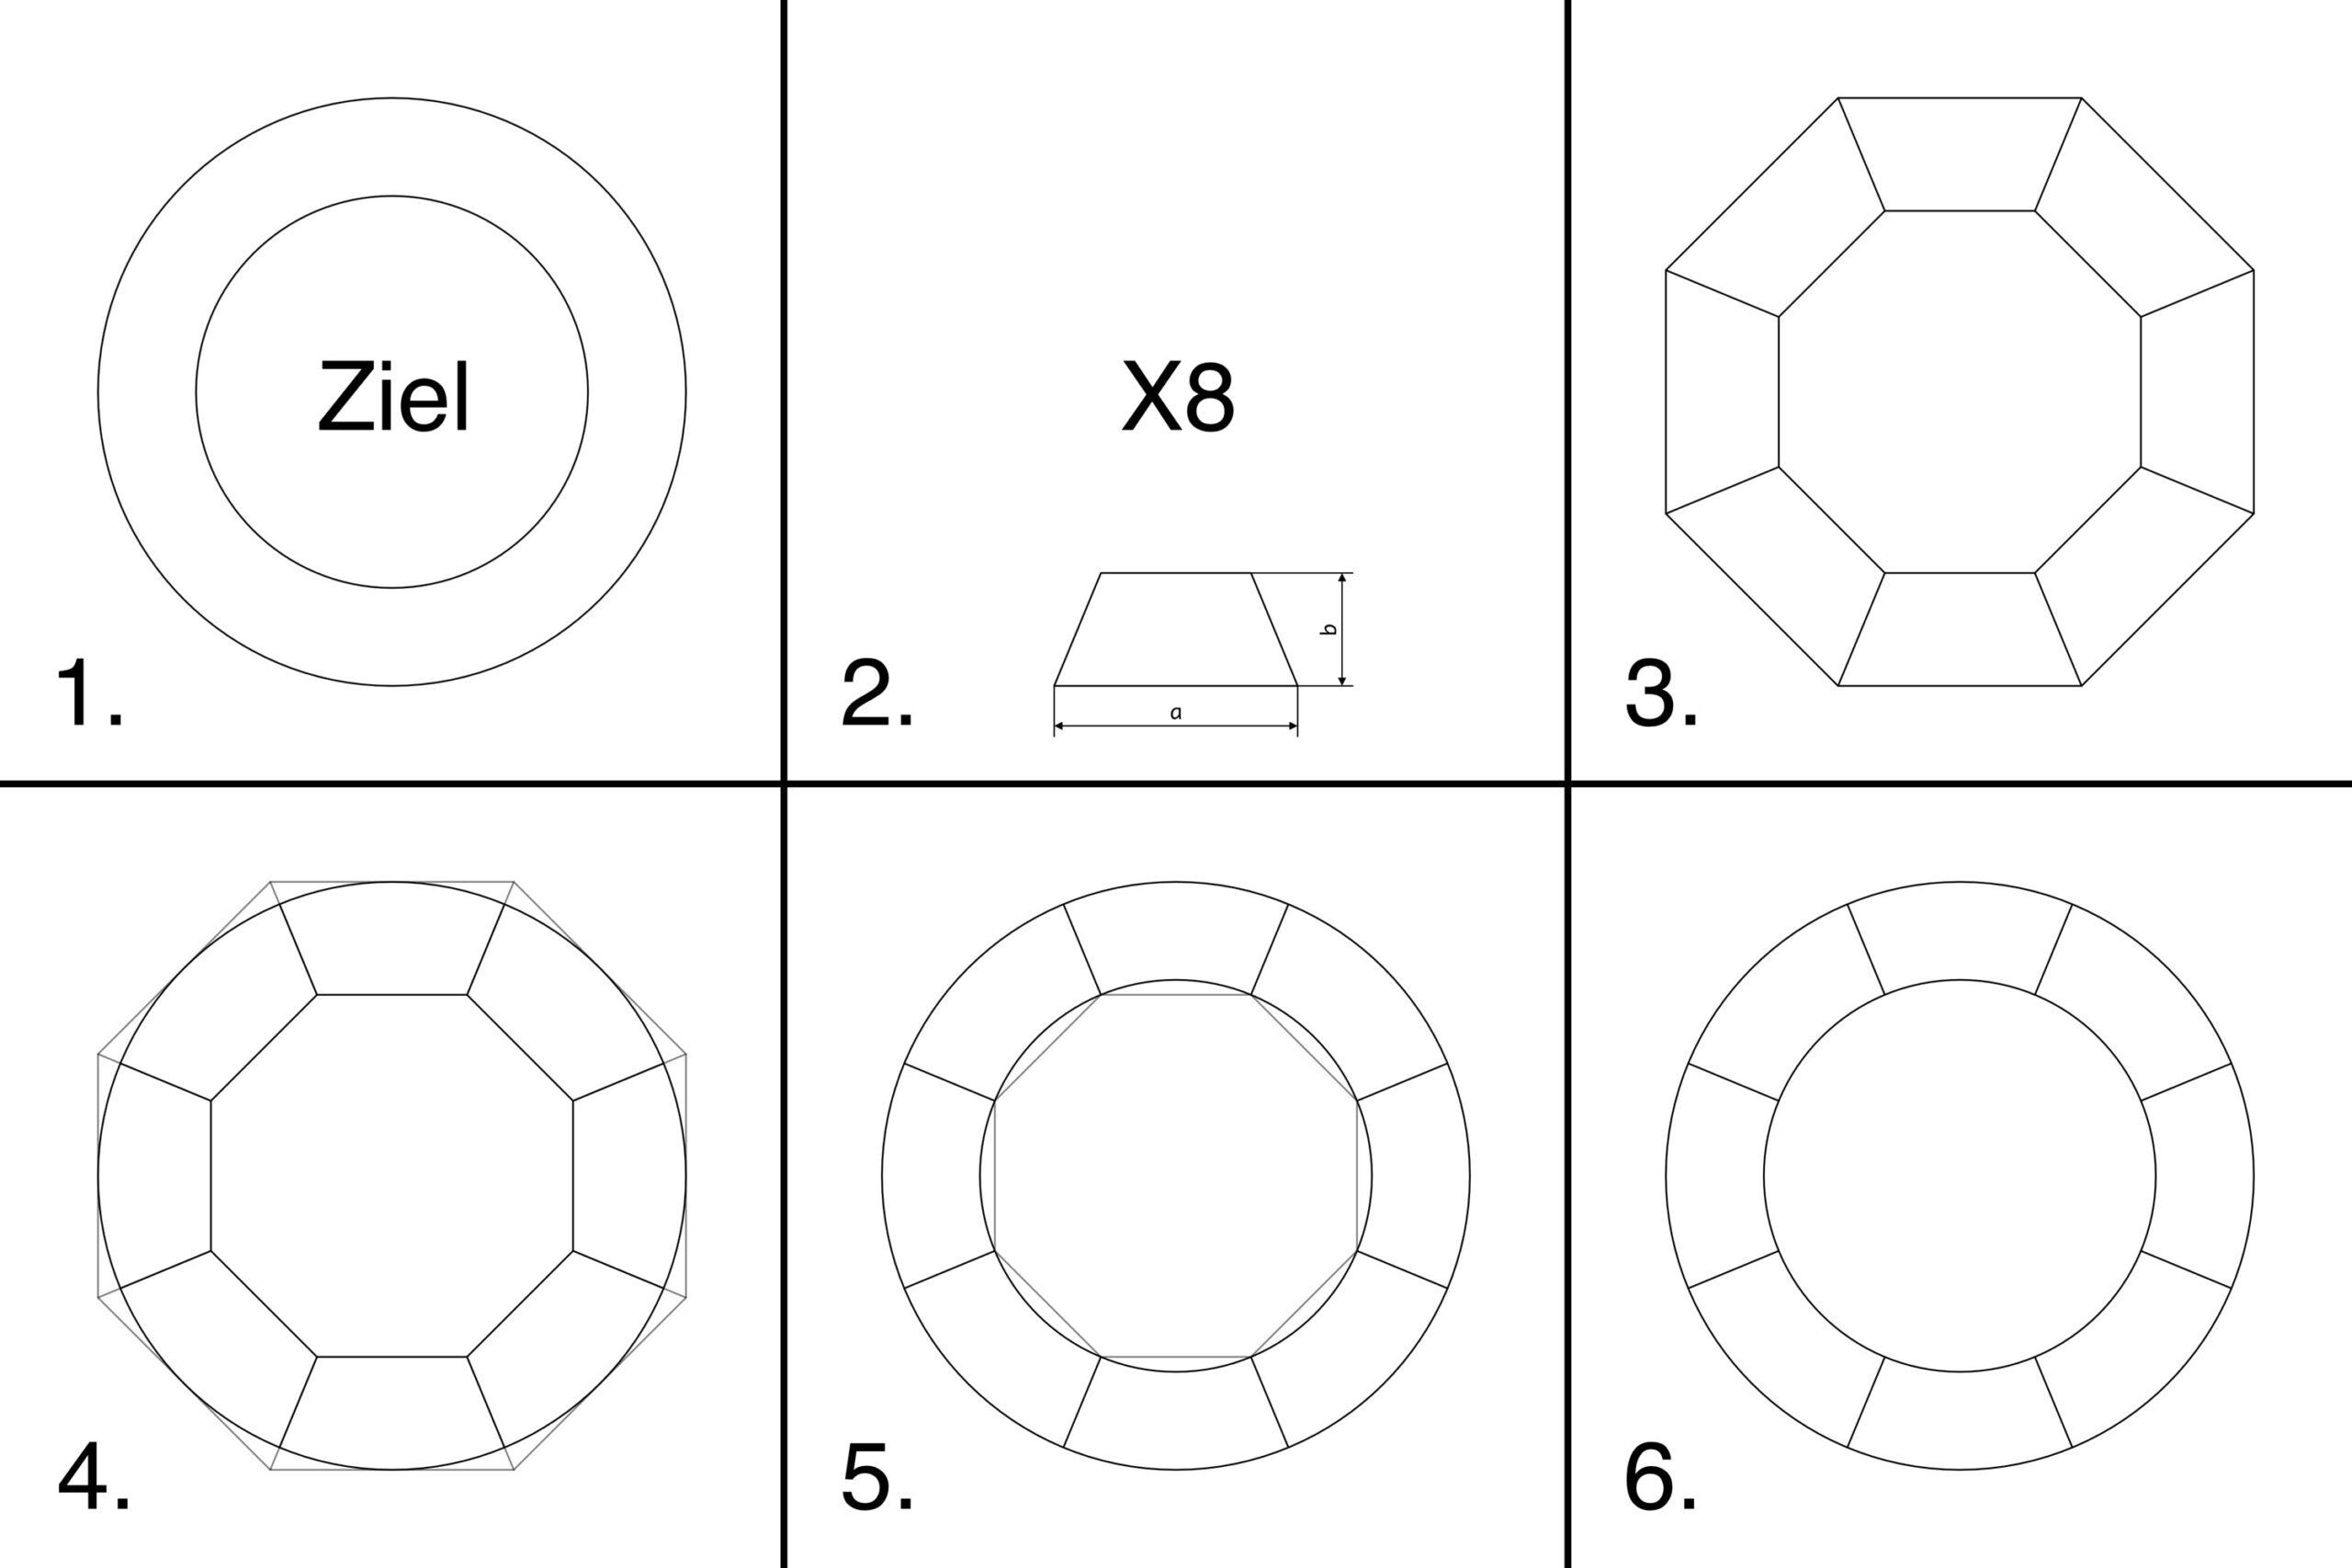 In sechs Schritten über den achteckigem Rahmen zum Kreissring